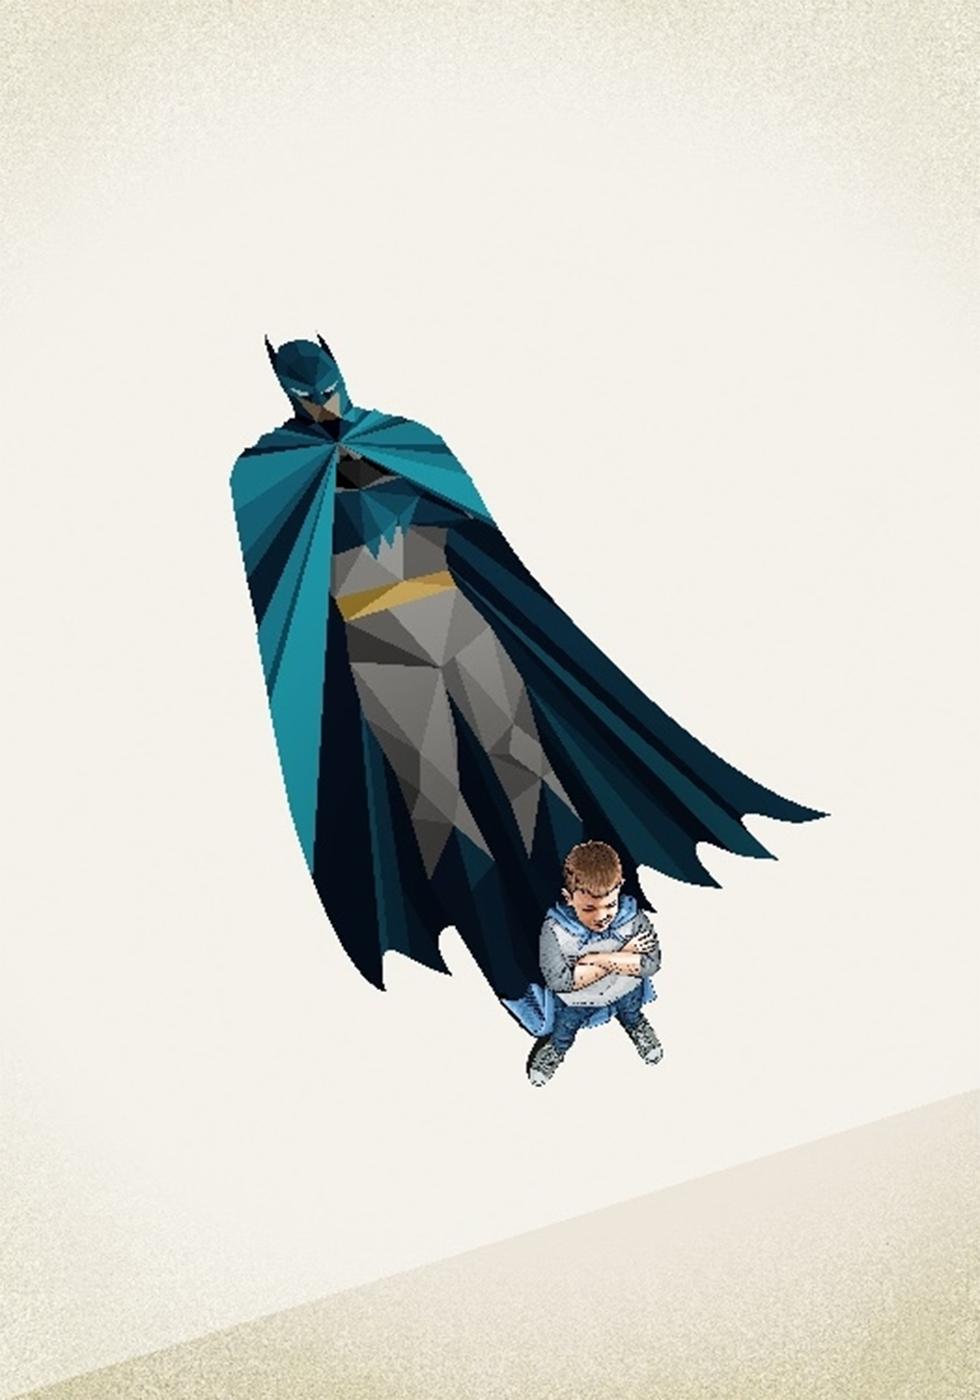 ג'יסון רטליף, באטמן (ג'יסון רטליף צלליות על באטמן) (ג'יסון רטליף צלליות על באטמן)